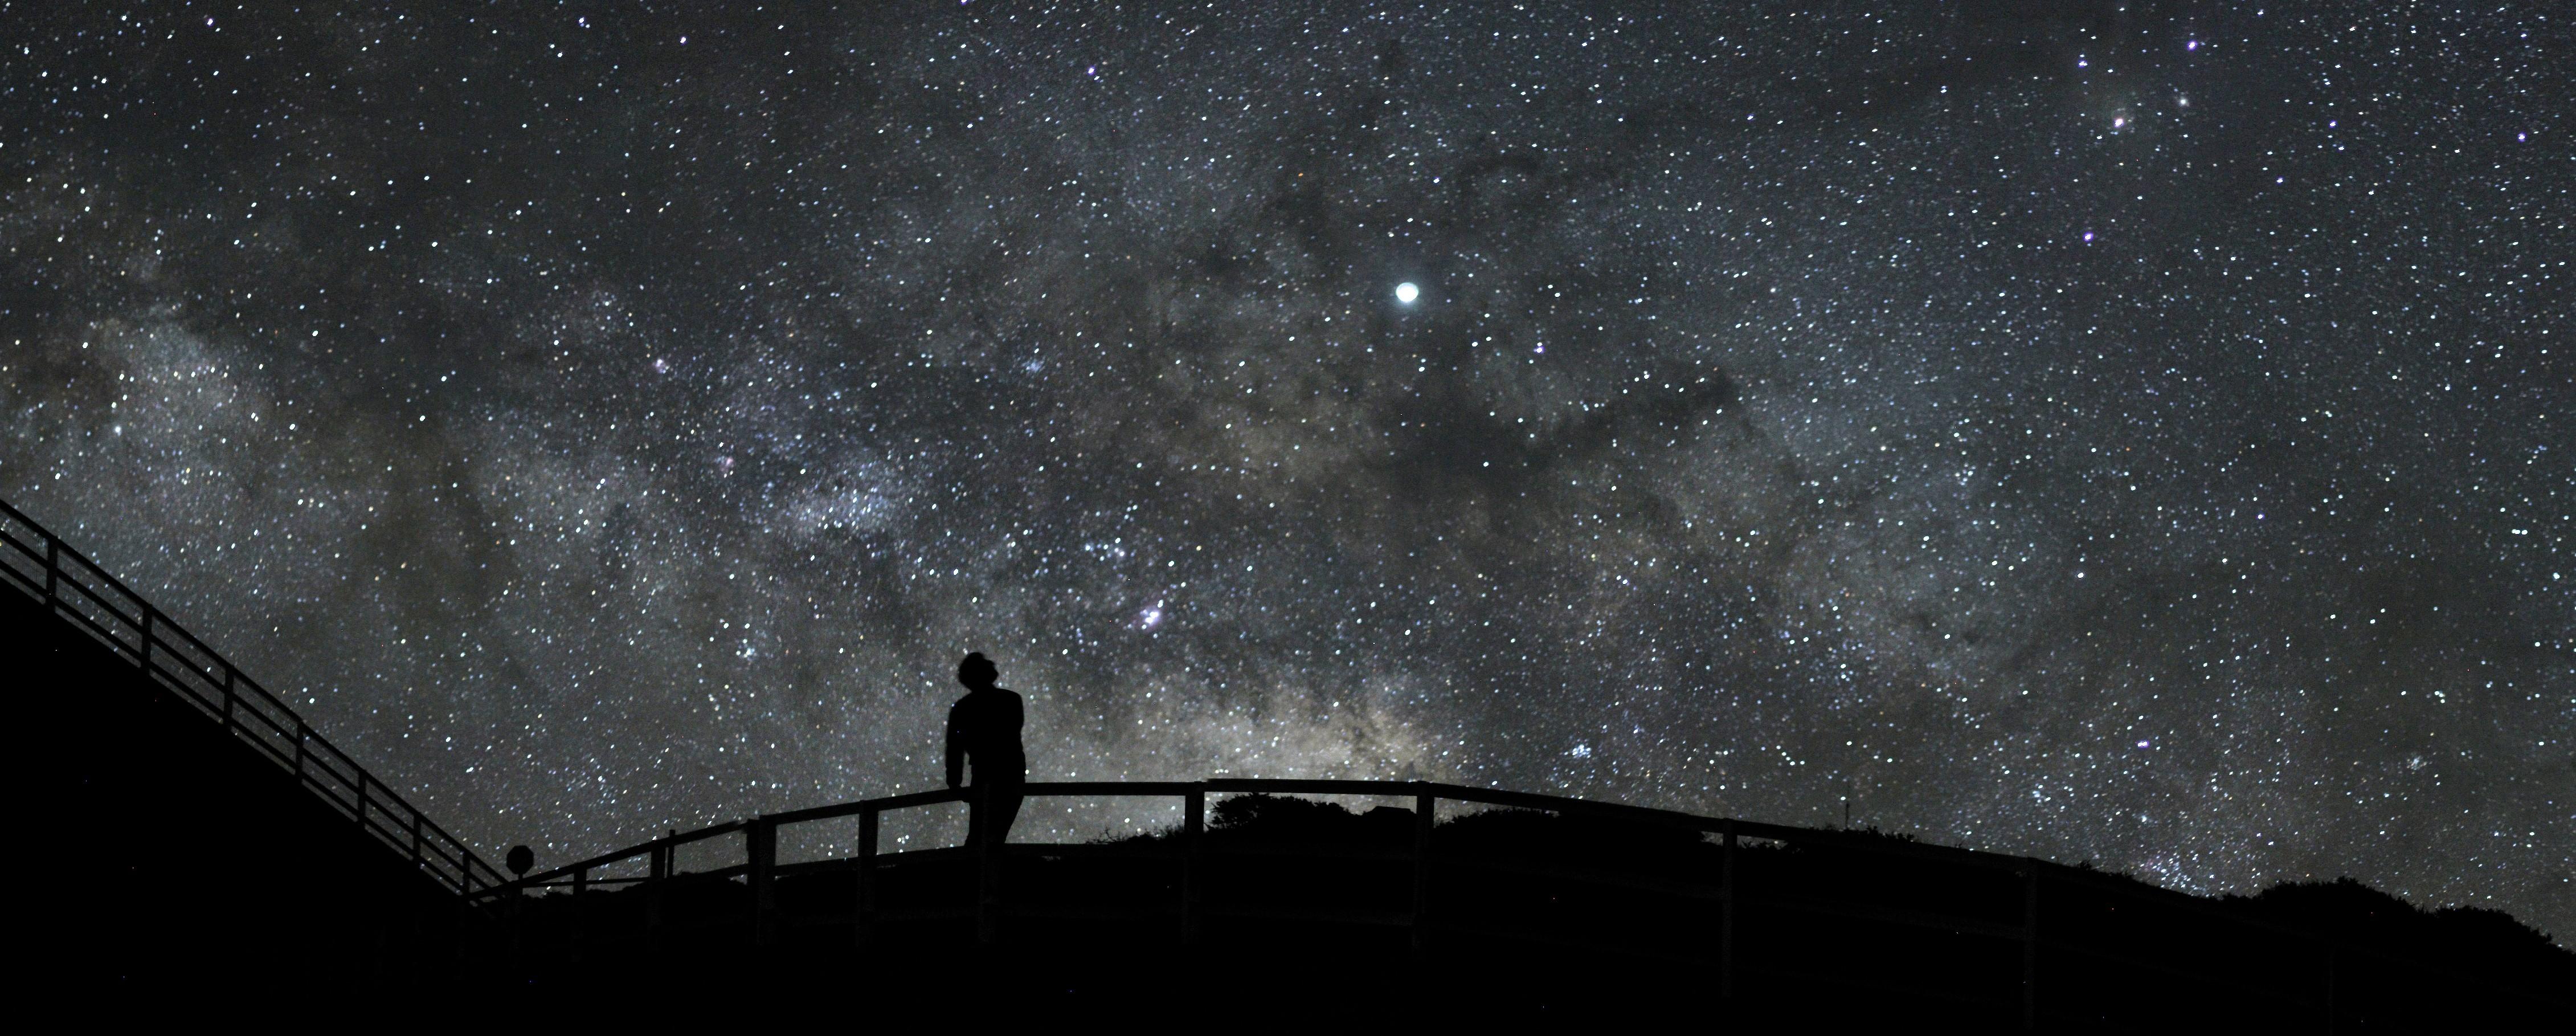 Oscar and Milky Way